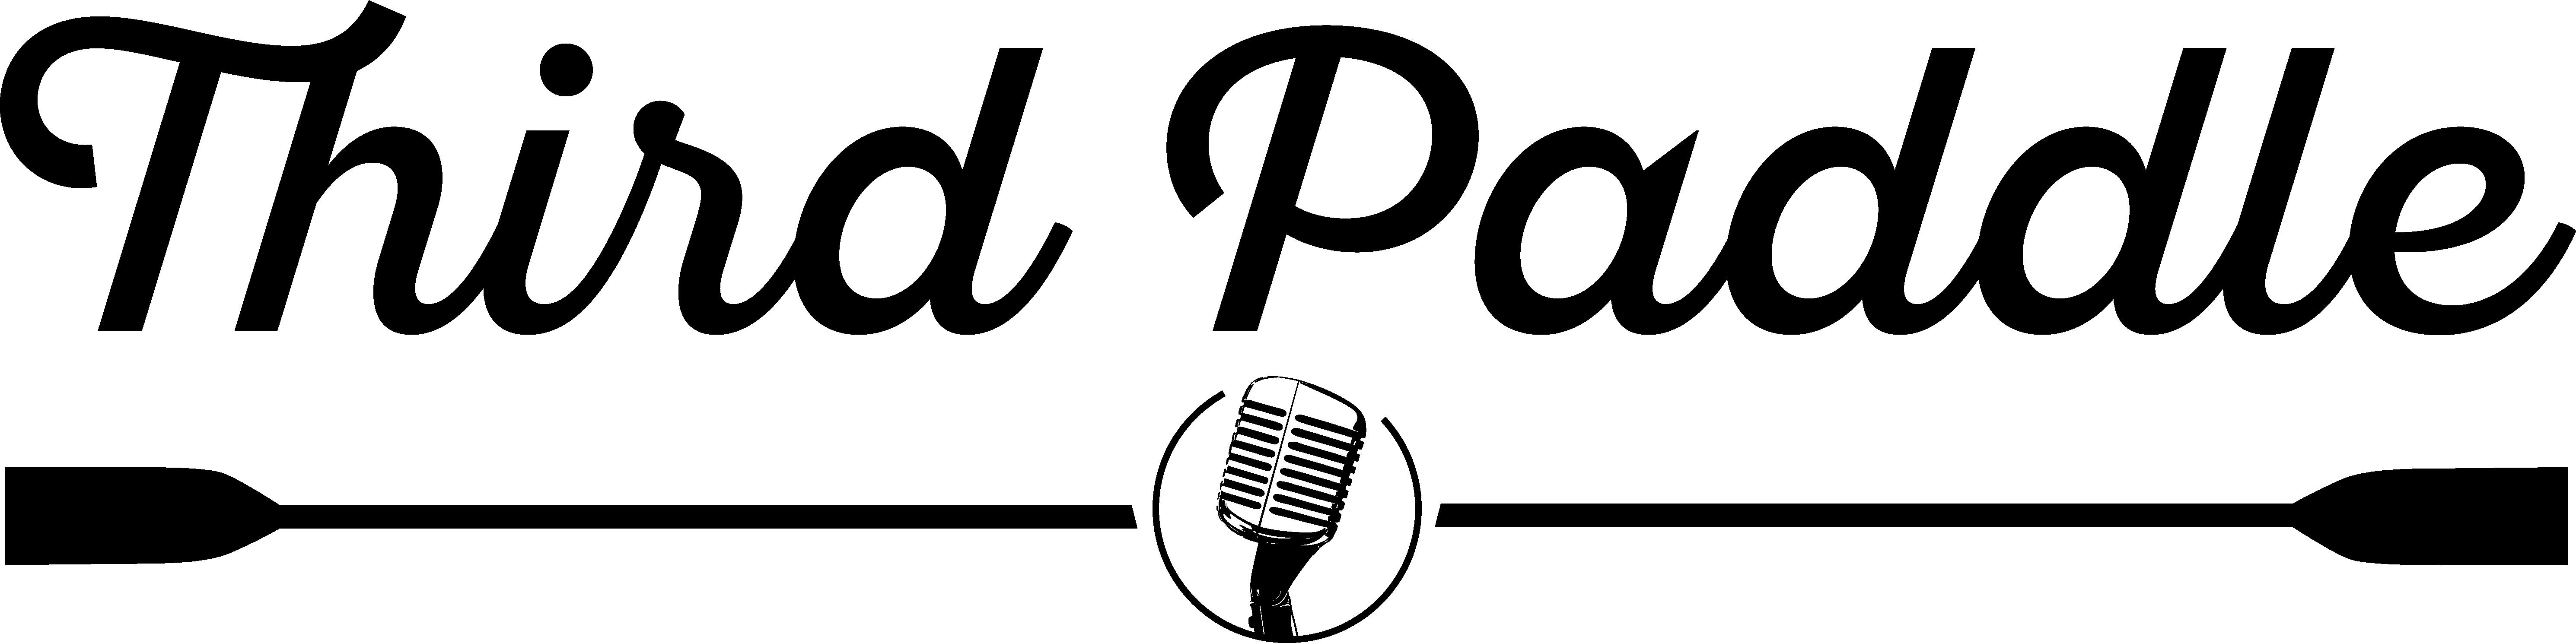 Third paddle logo black